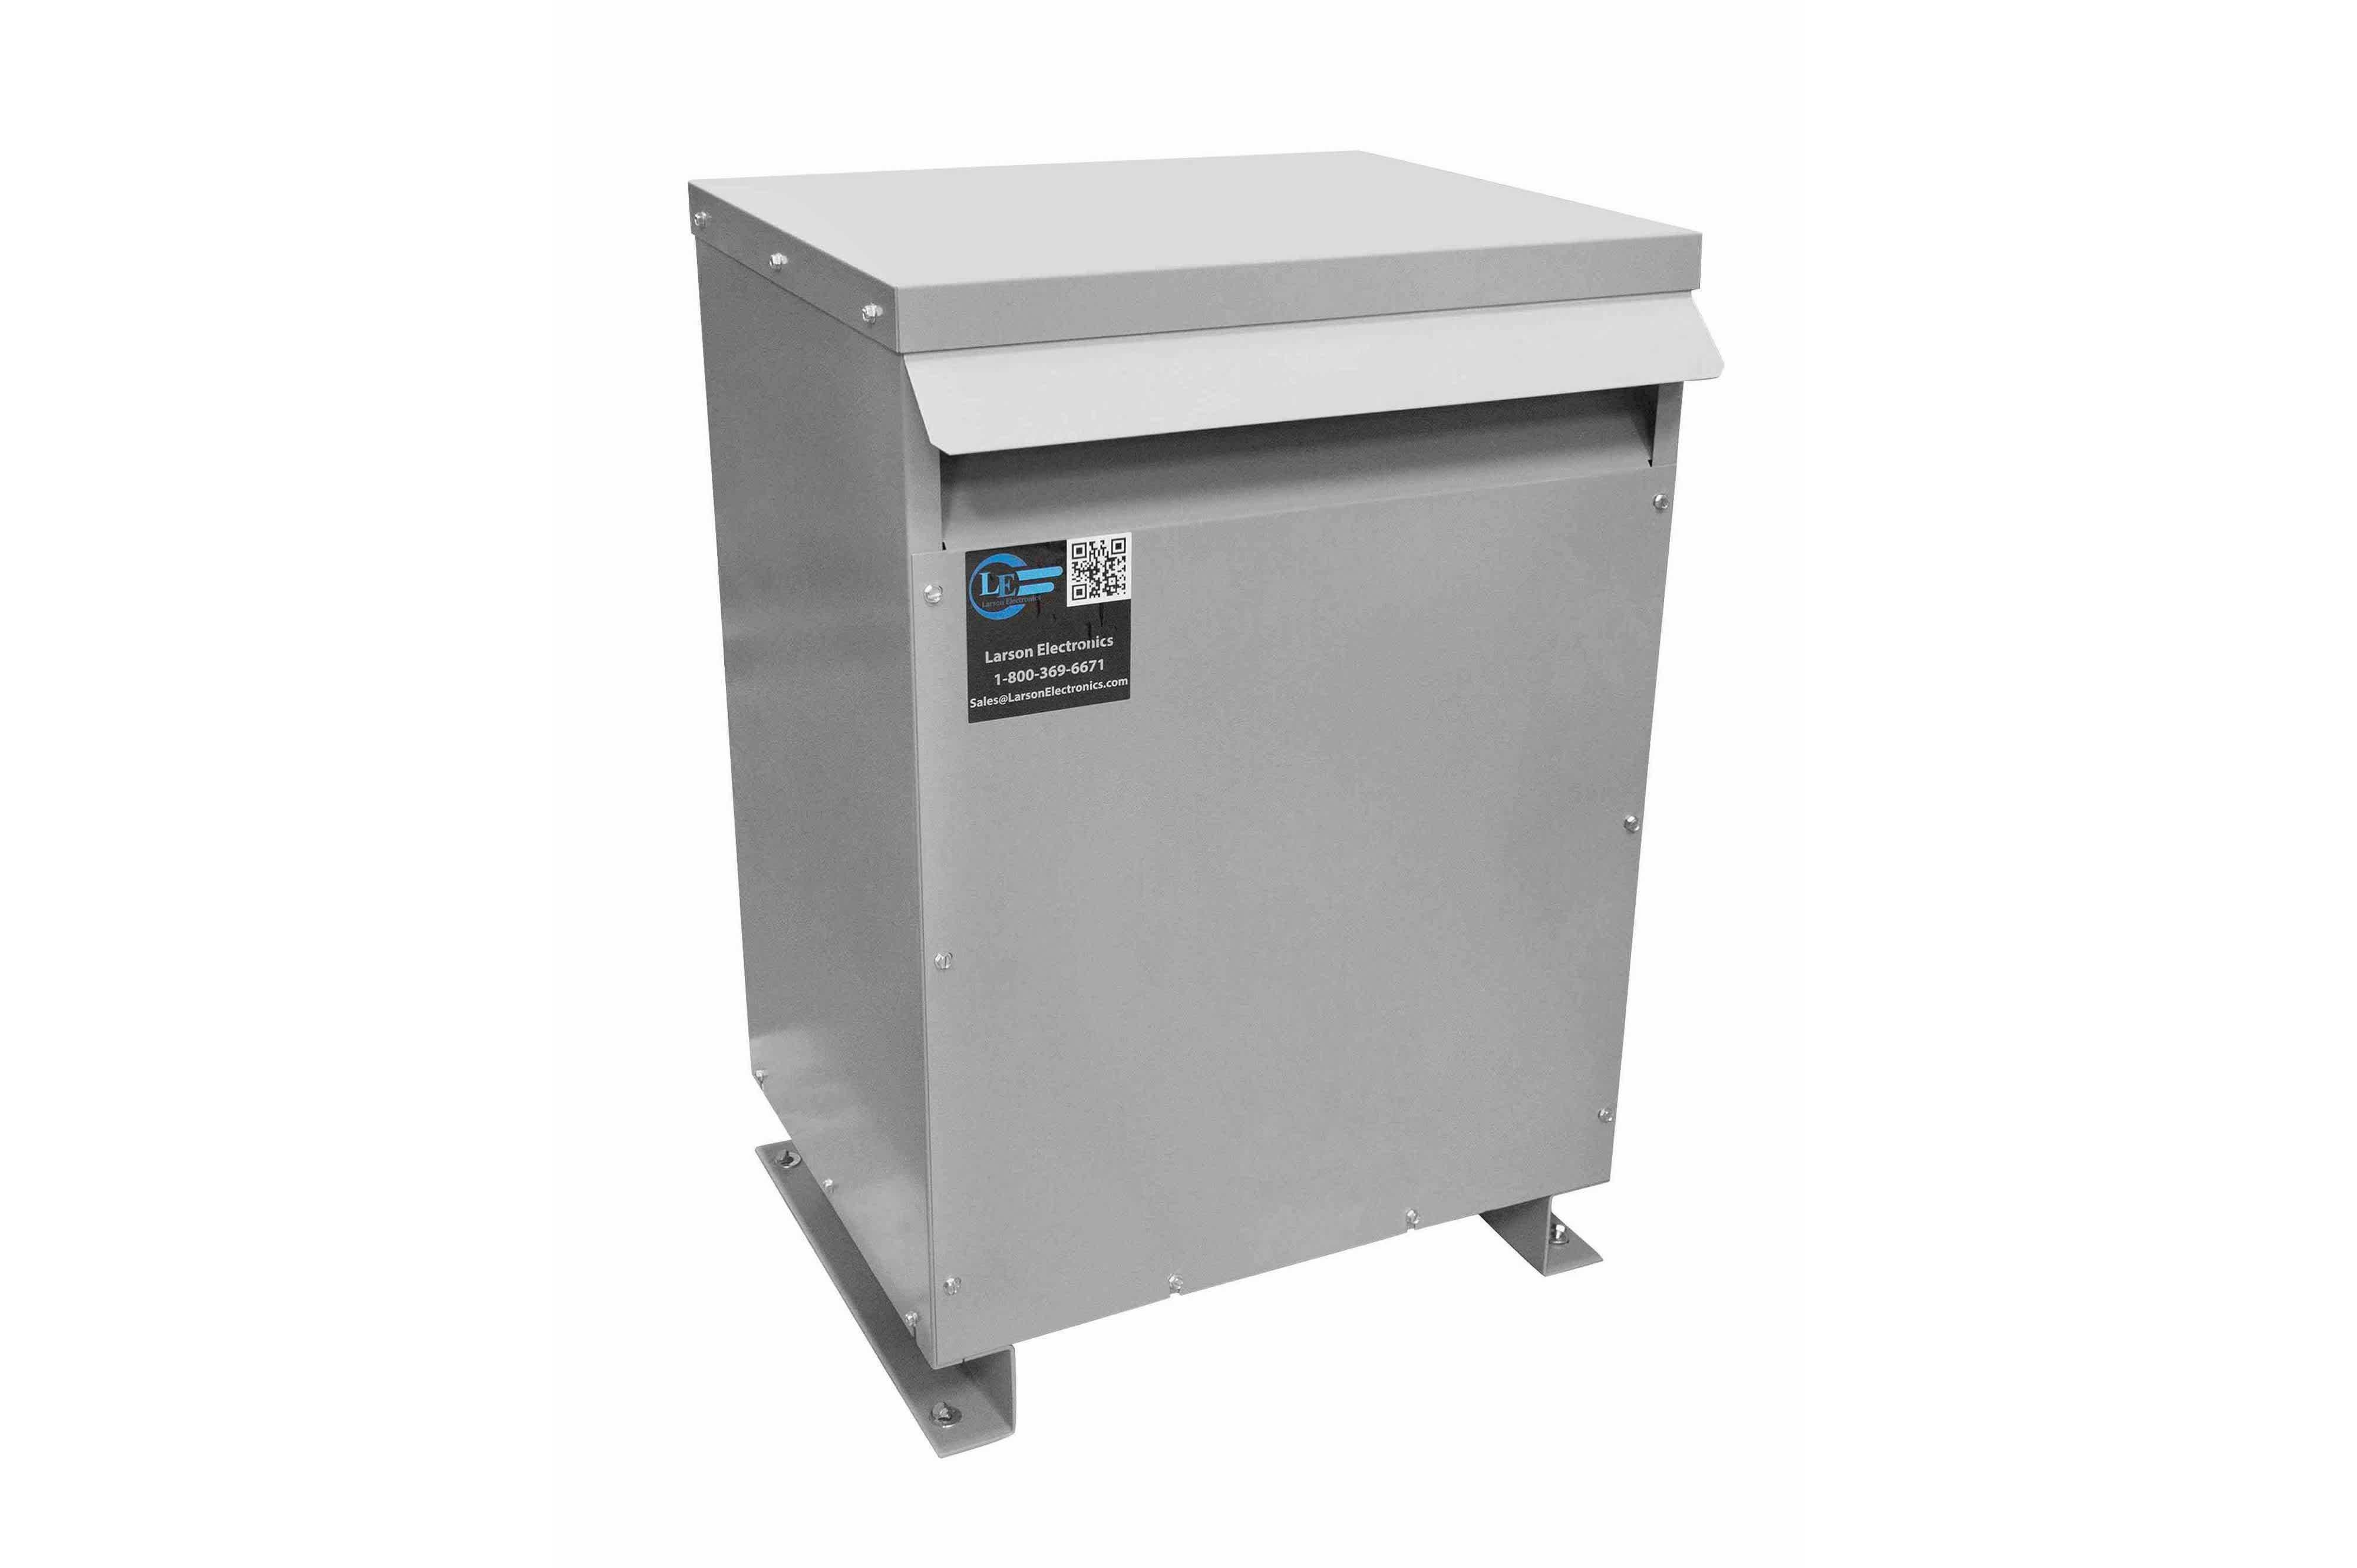 35 kVA 3PH Isolation Transformer, 460V Delta Primary, 400V Delta Secondary, N3R, Ventilated, 60 Hz